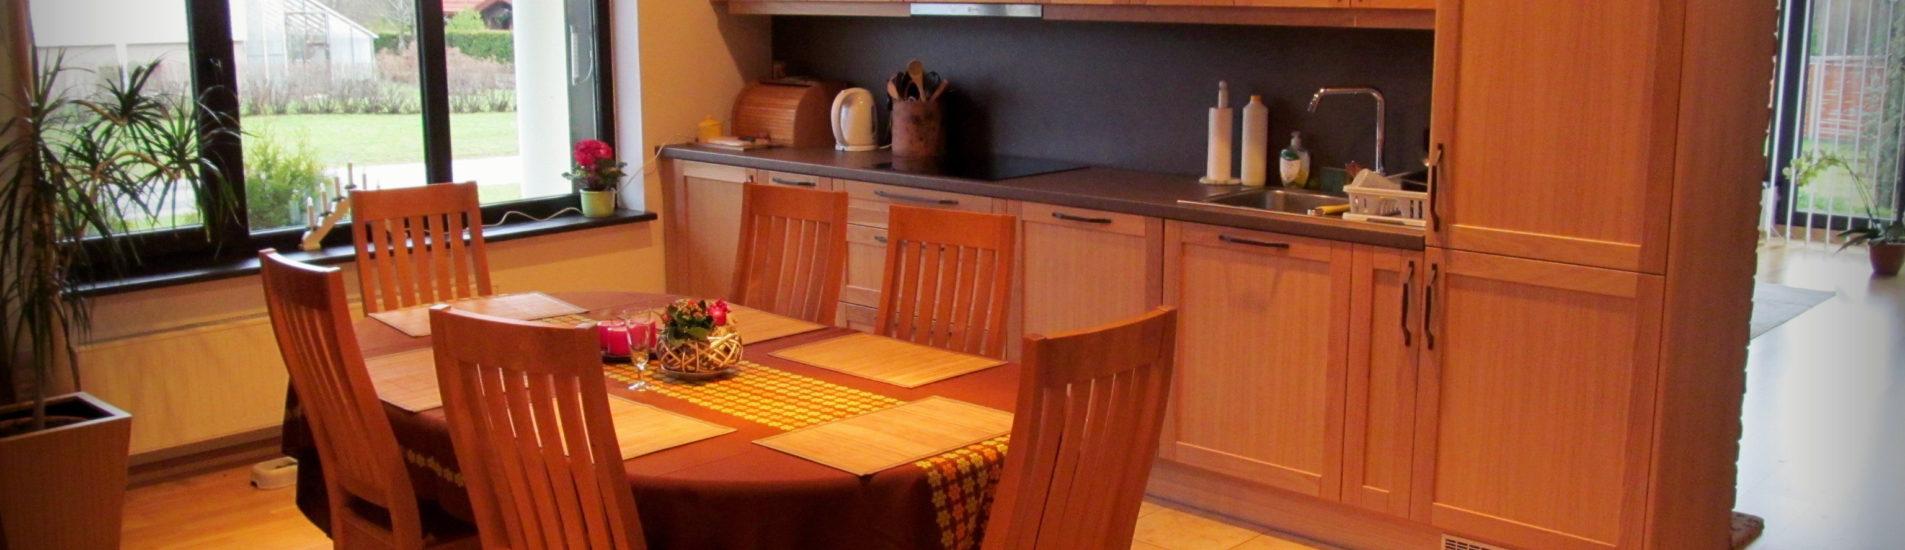 Täispuitustega köögimööbel